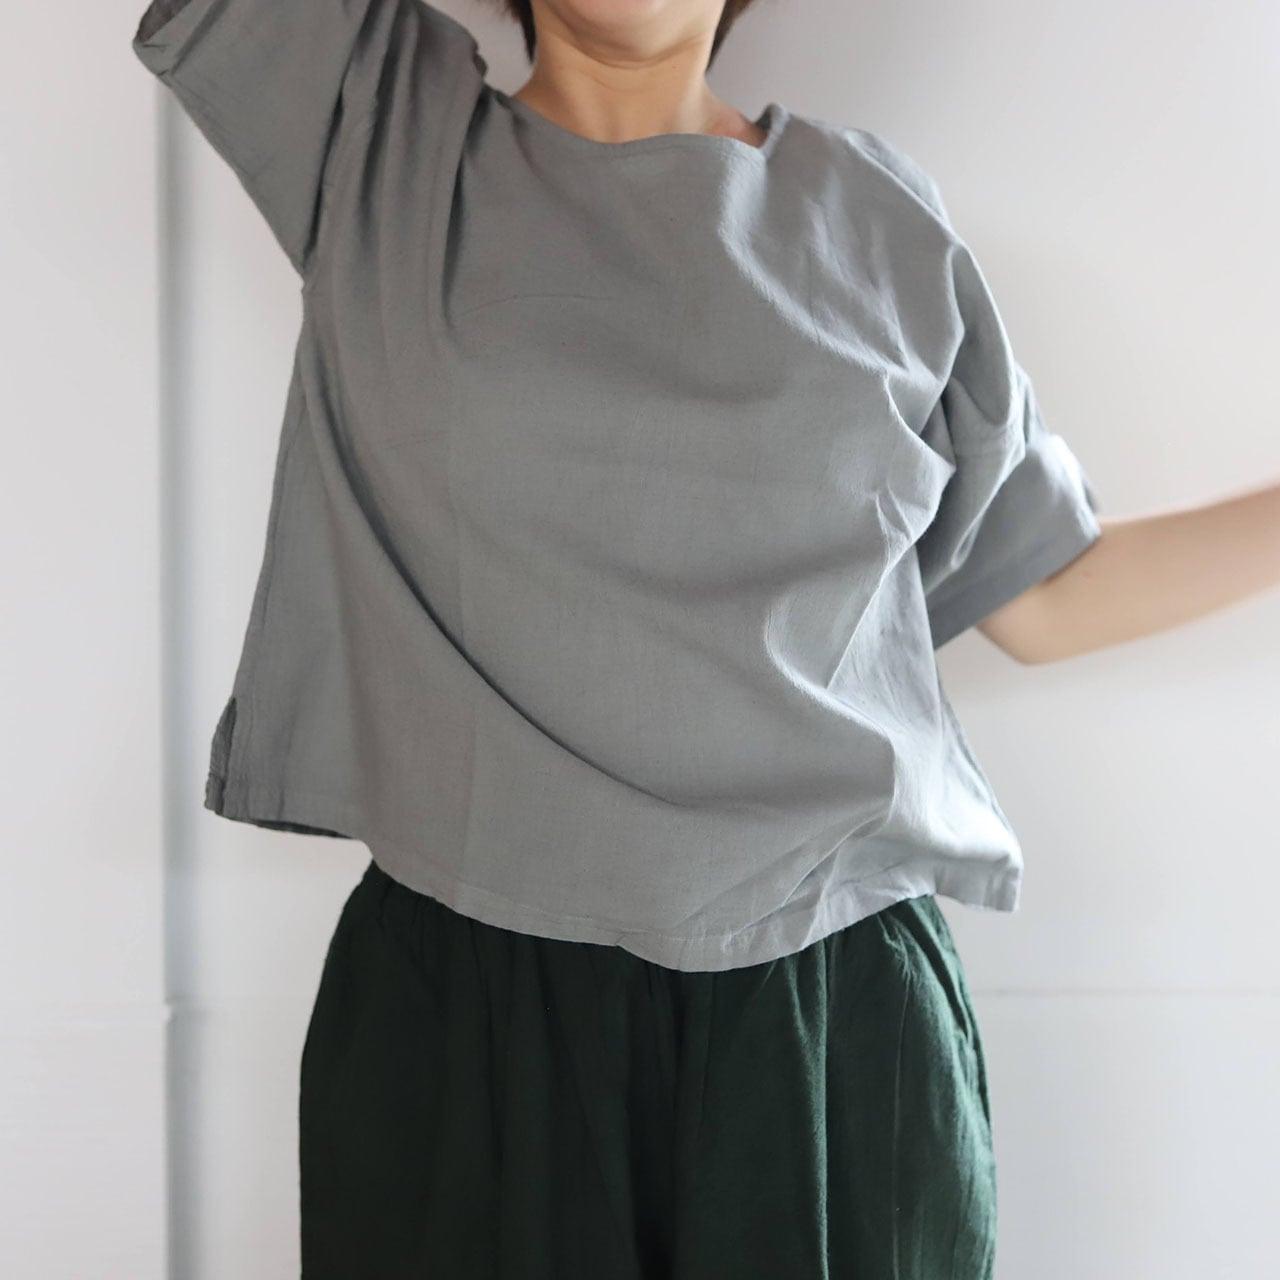 ヂェン先生の日常着 半袖ショートブラウス